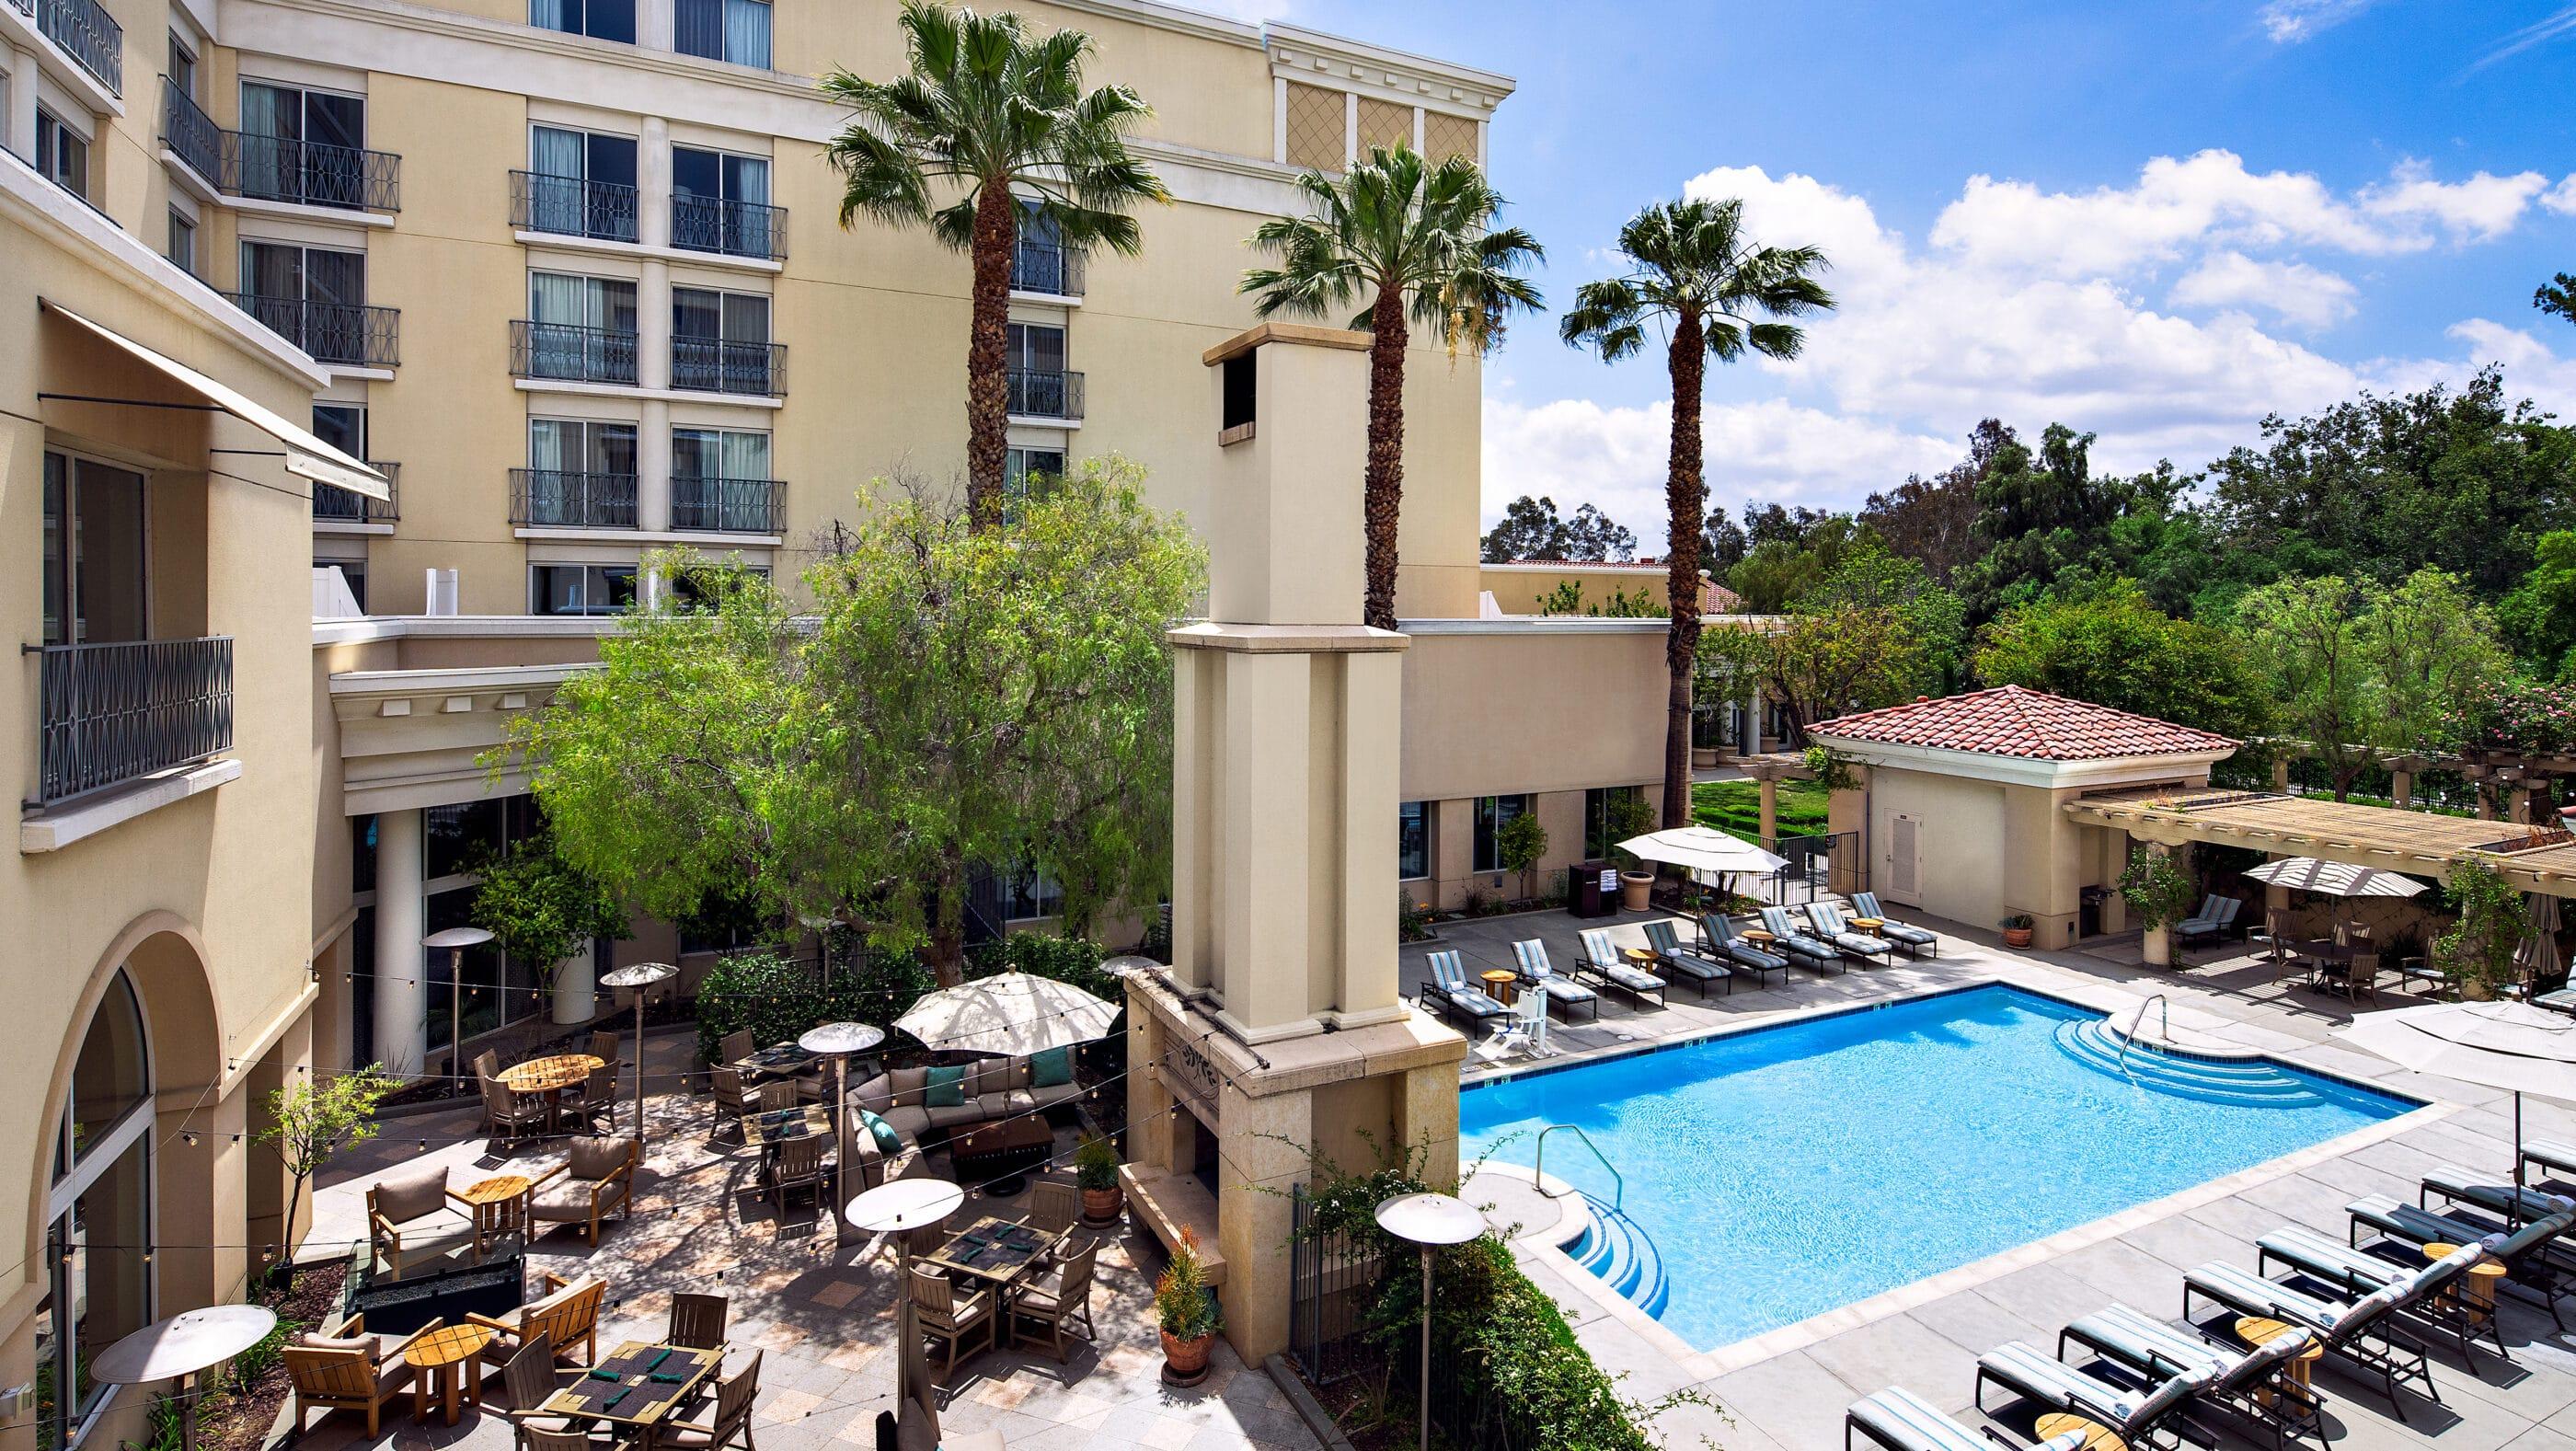 The outdoor pool at Hyatt Regency Valencia